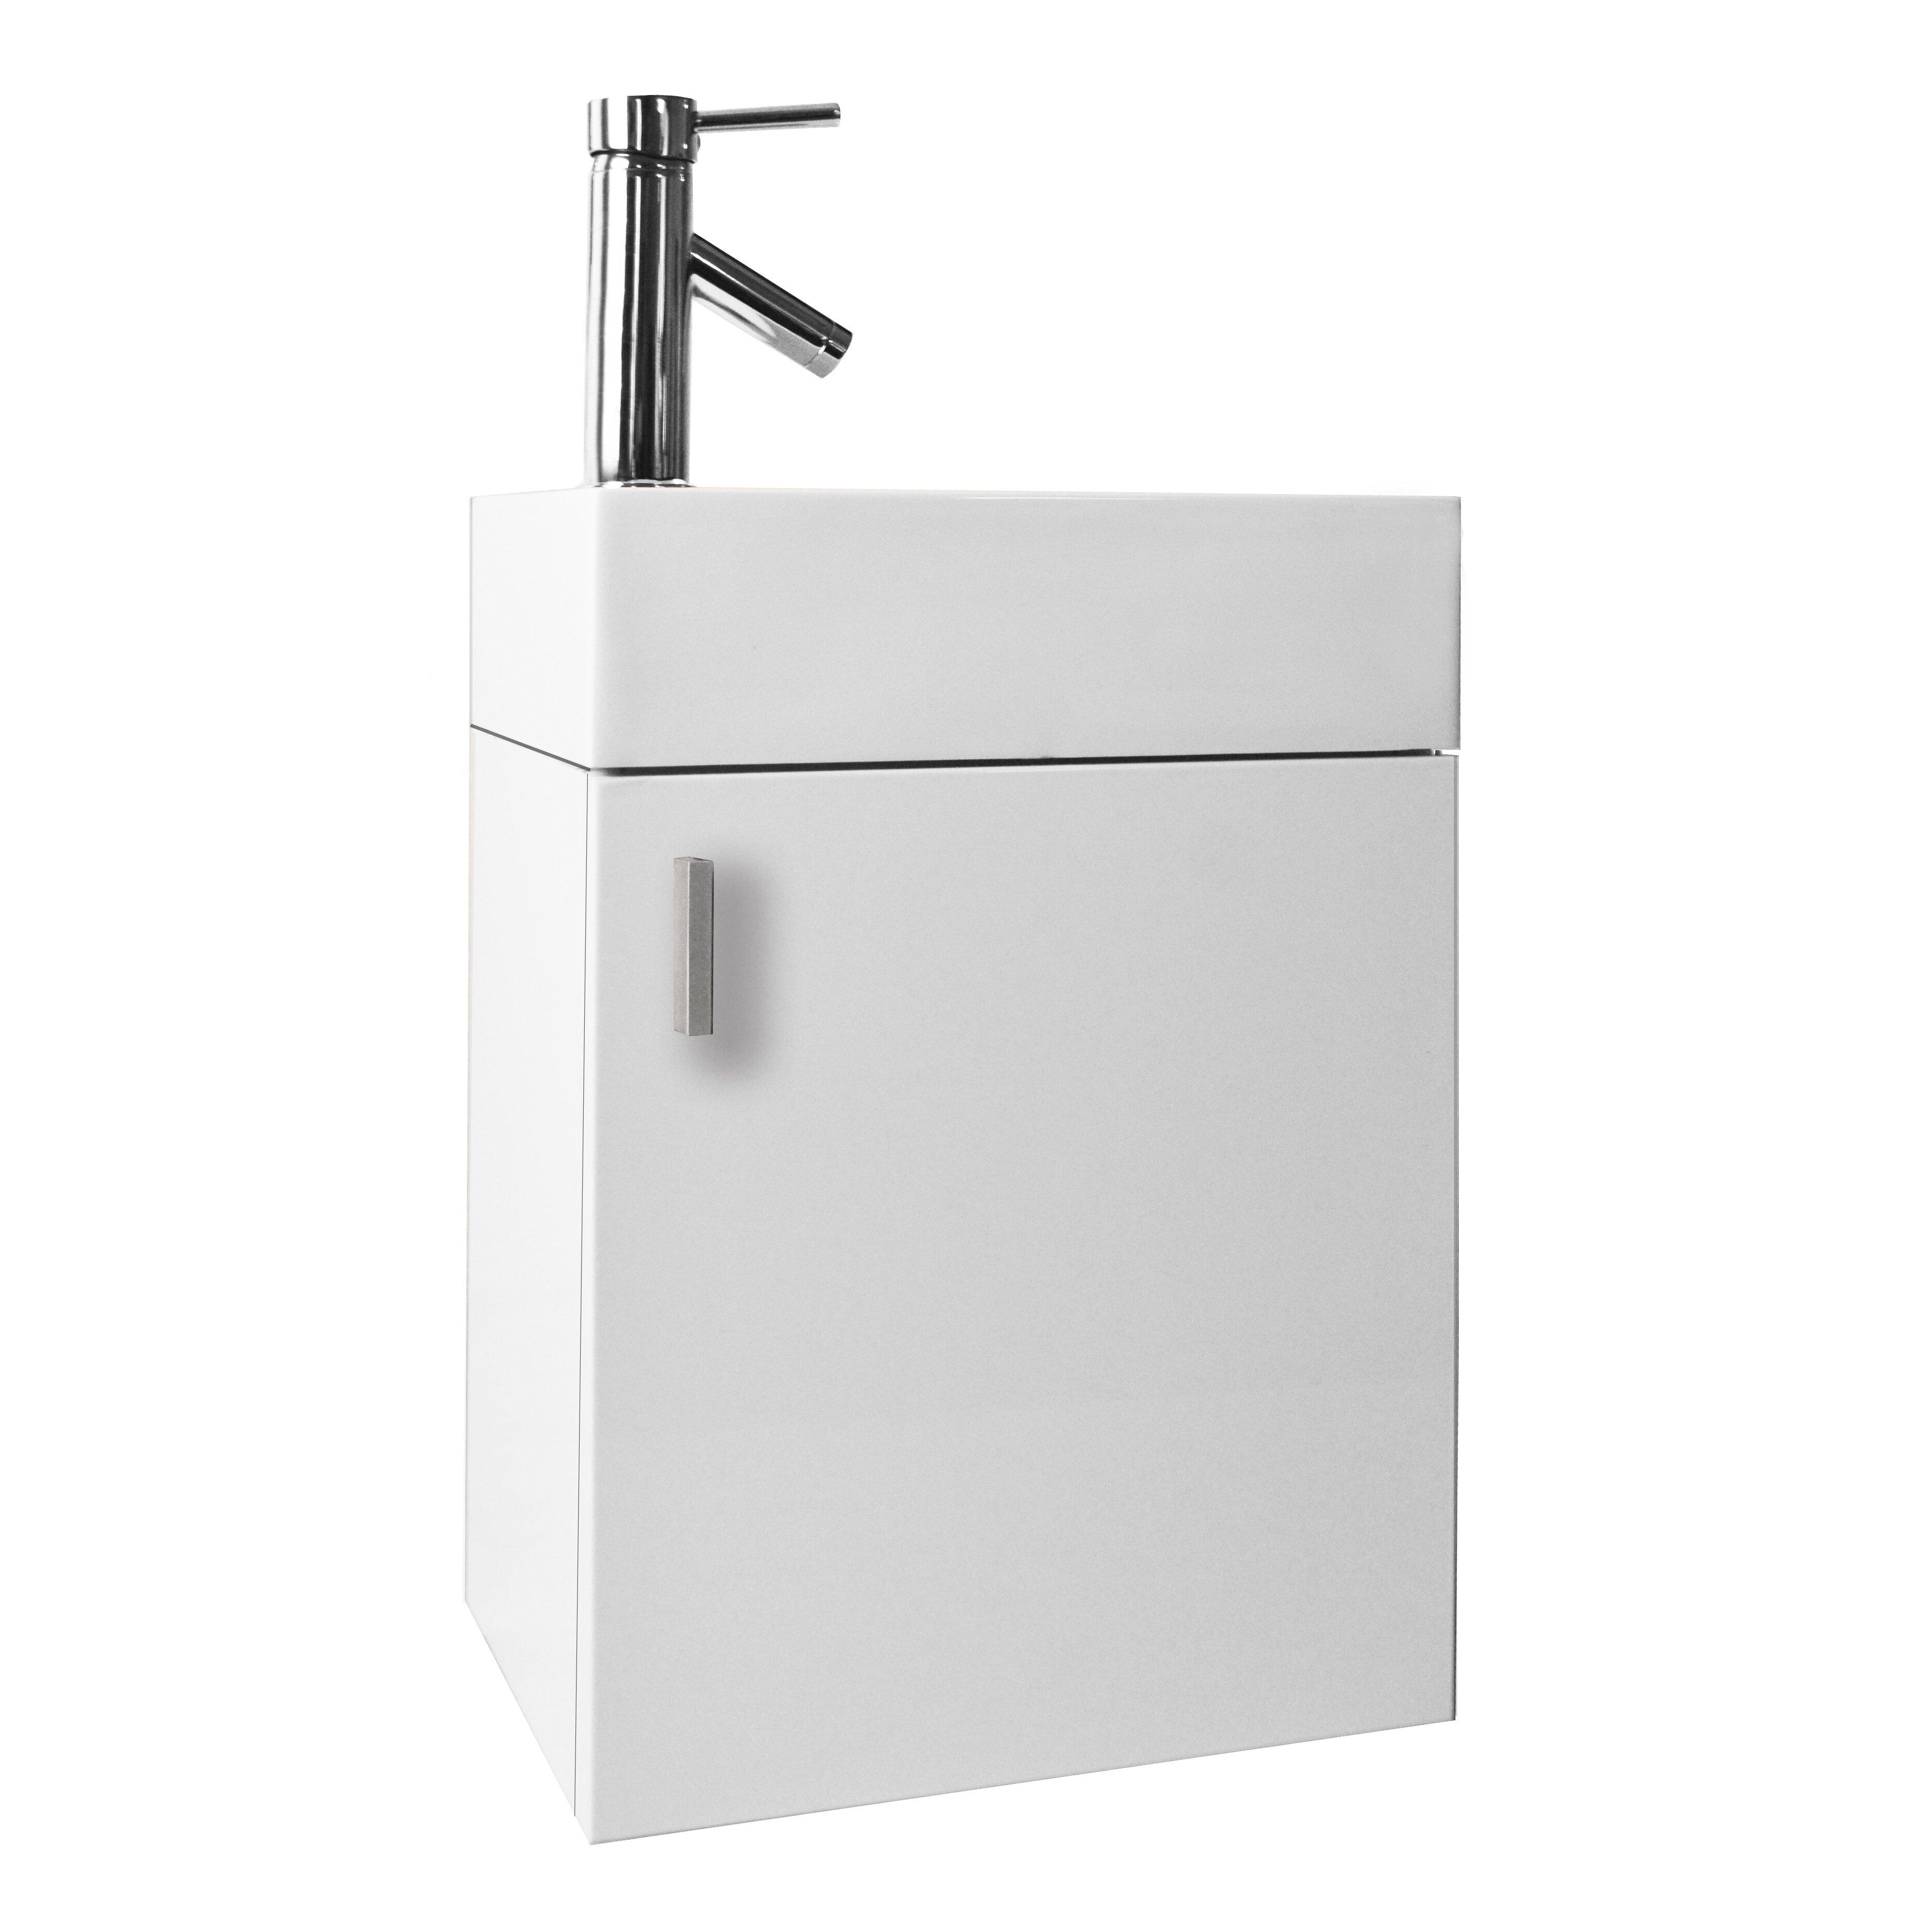 Bathroom Vanity Base Virtu Carino 159 Single Bathroom Vanity Base Reviews Wayfair